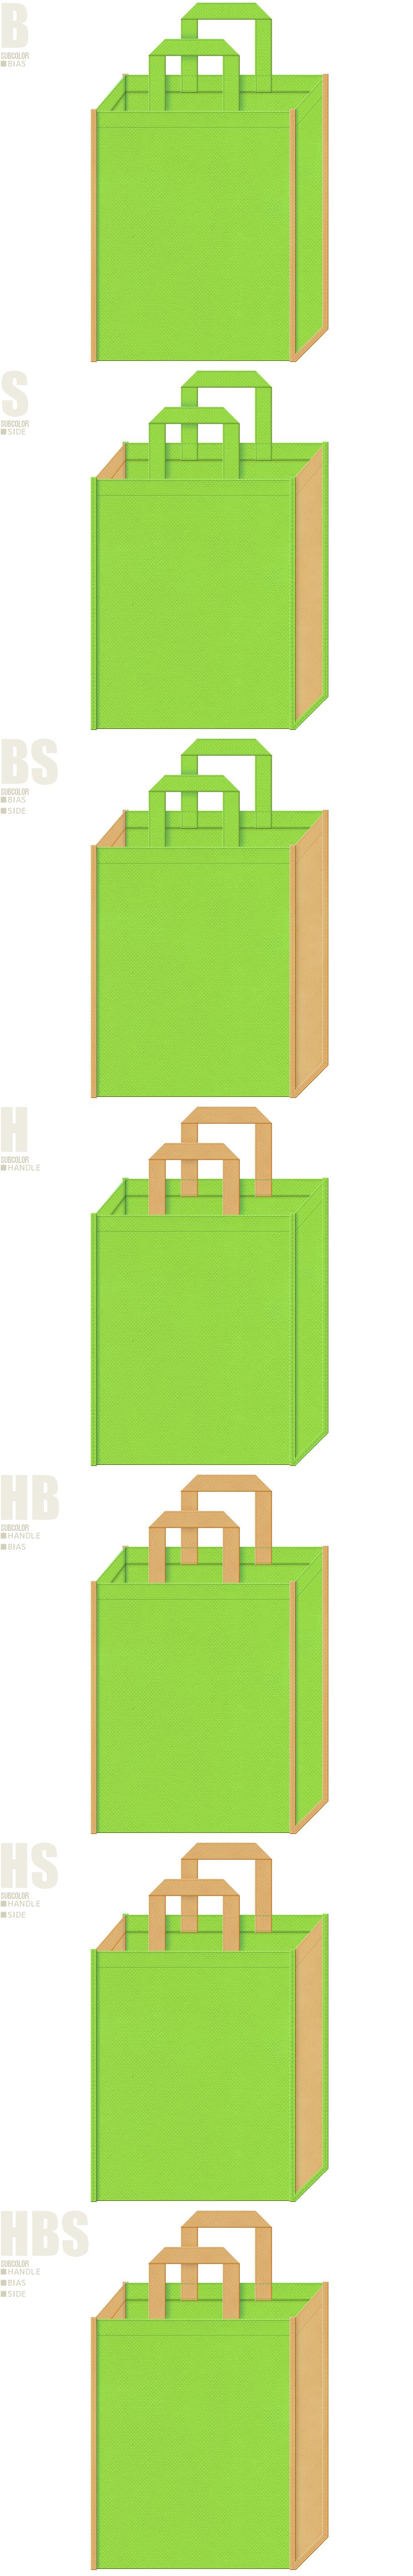 絵本・おとぎ話・木の看板・ロールプレイングゲーム・野菜・牧場・産直市場・園芸用品の展示会用バッグにお奨めの不織布バッグデザイン:黄緑色と薄黄土色の配色7パターン